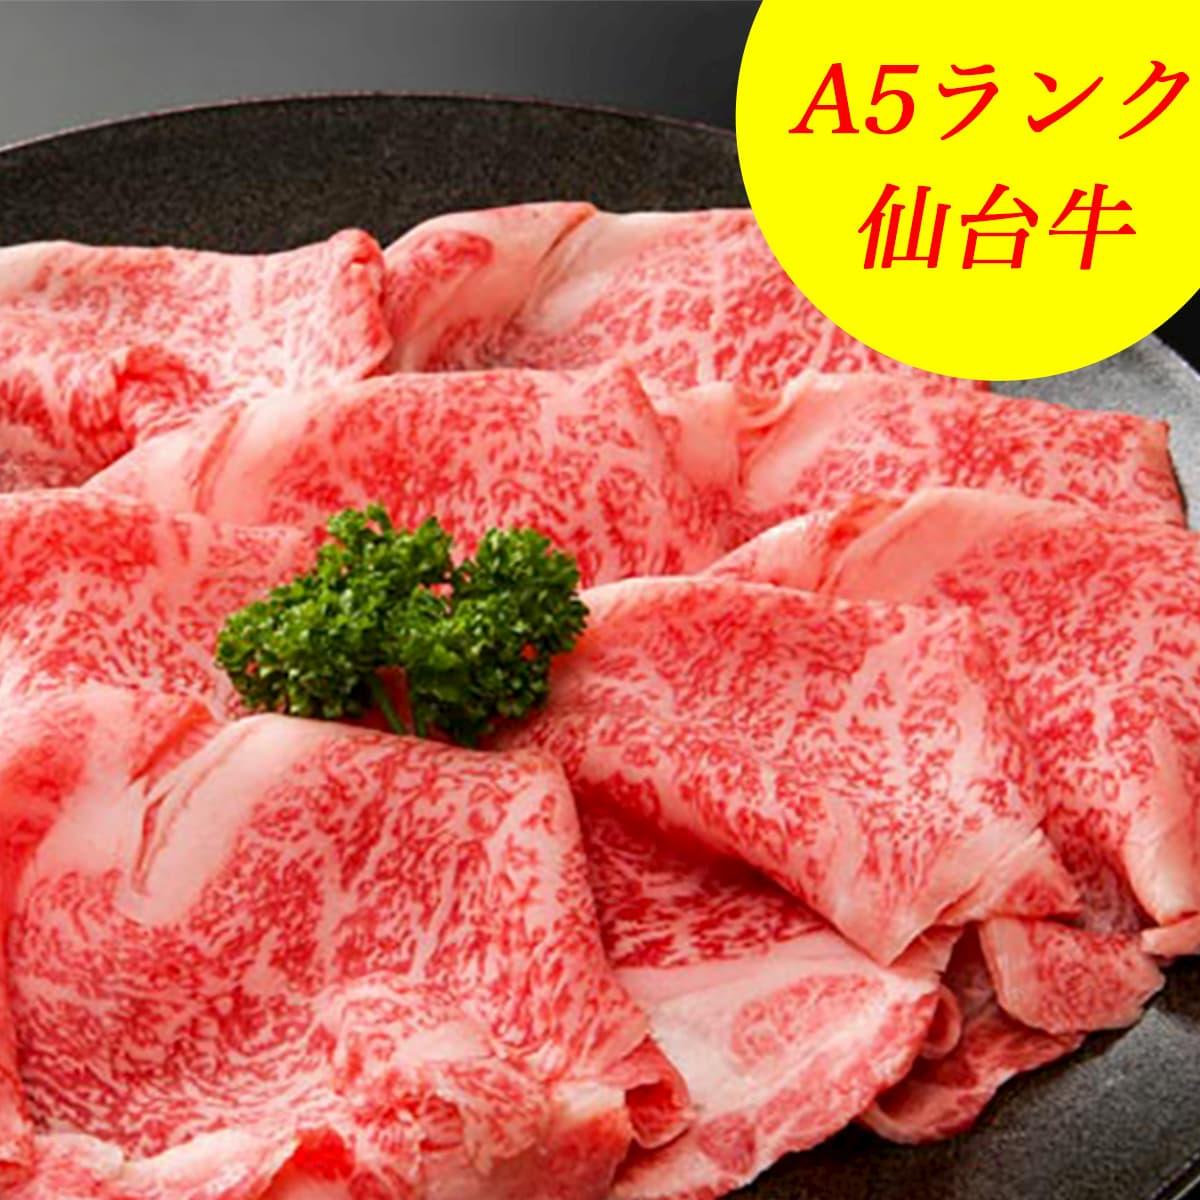 【ふるさと納税】A5ランク仙台牛 サーロイン『すき焼き用』1kg